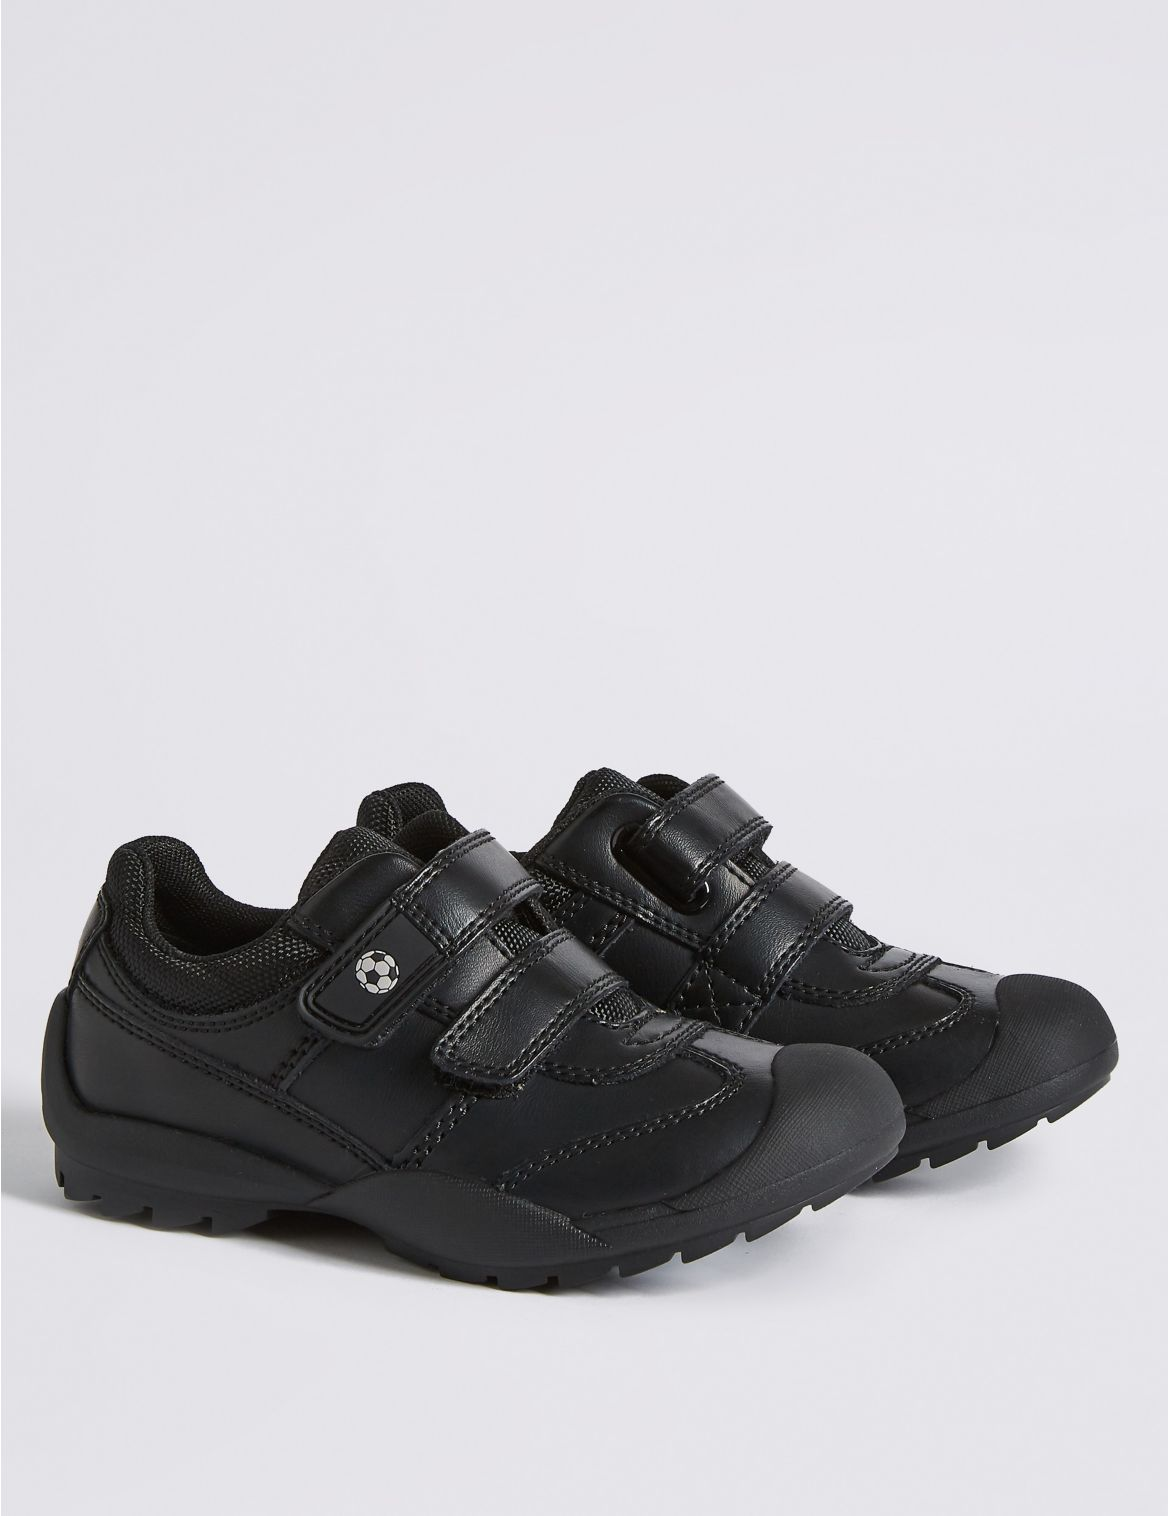 """Chaussures enfants en cuir enduit Freshfeetâ""""? anti-??raflures, id??ales pour l'??cole. StyleForme du produit:Chaussures pour l'??cole;Coupe:Sta"""